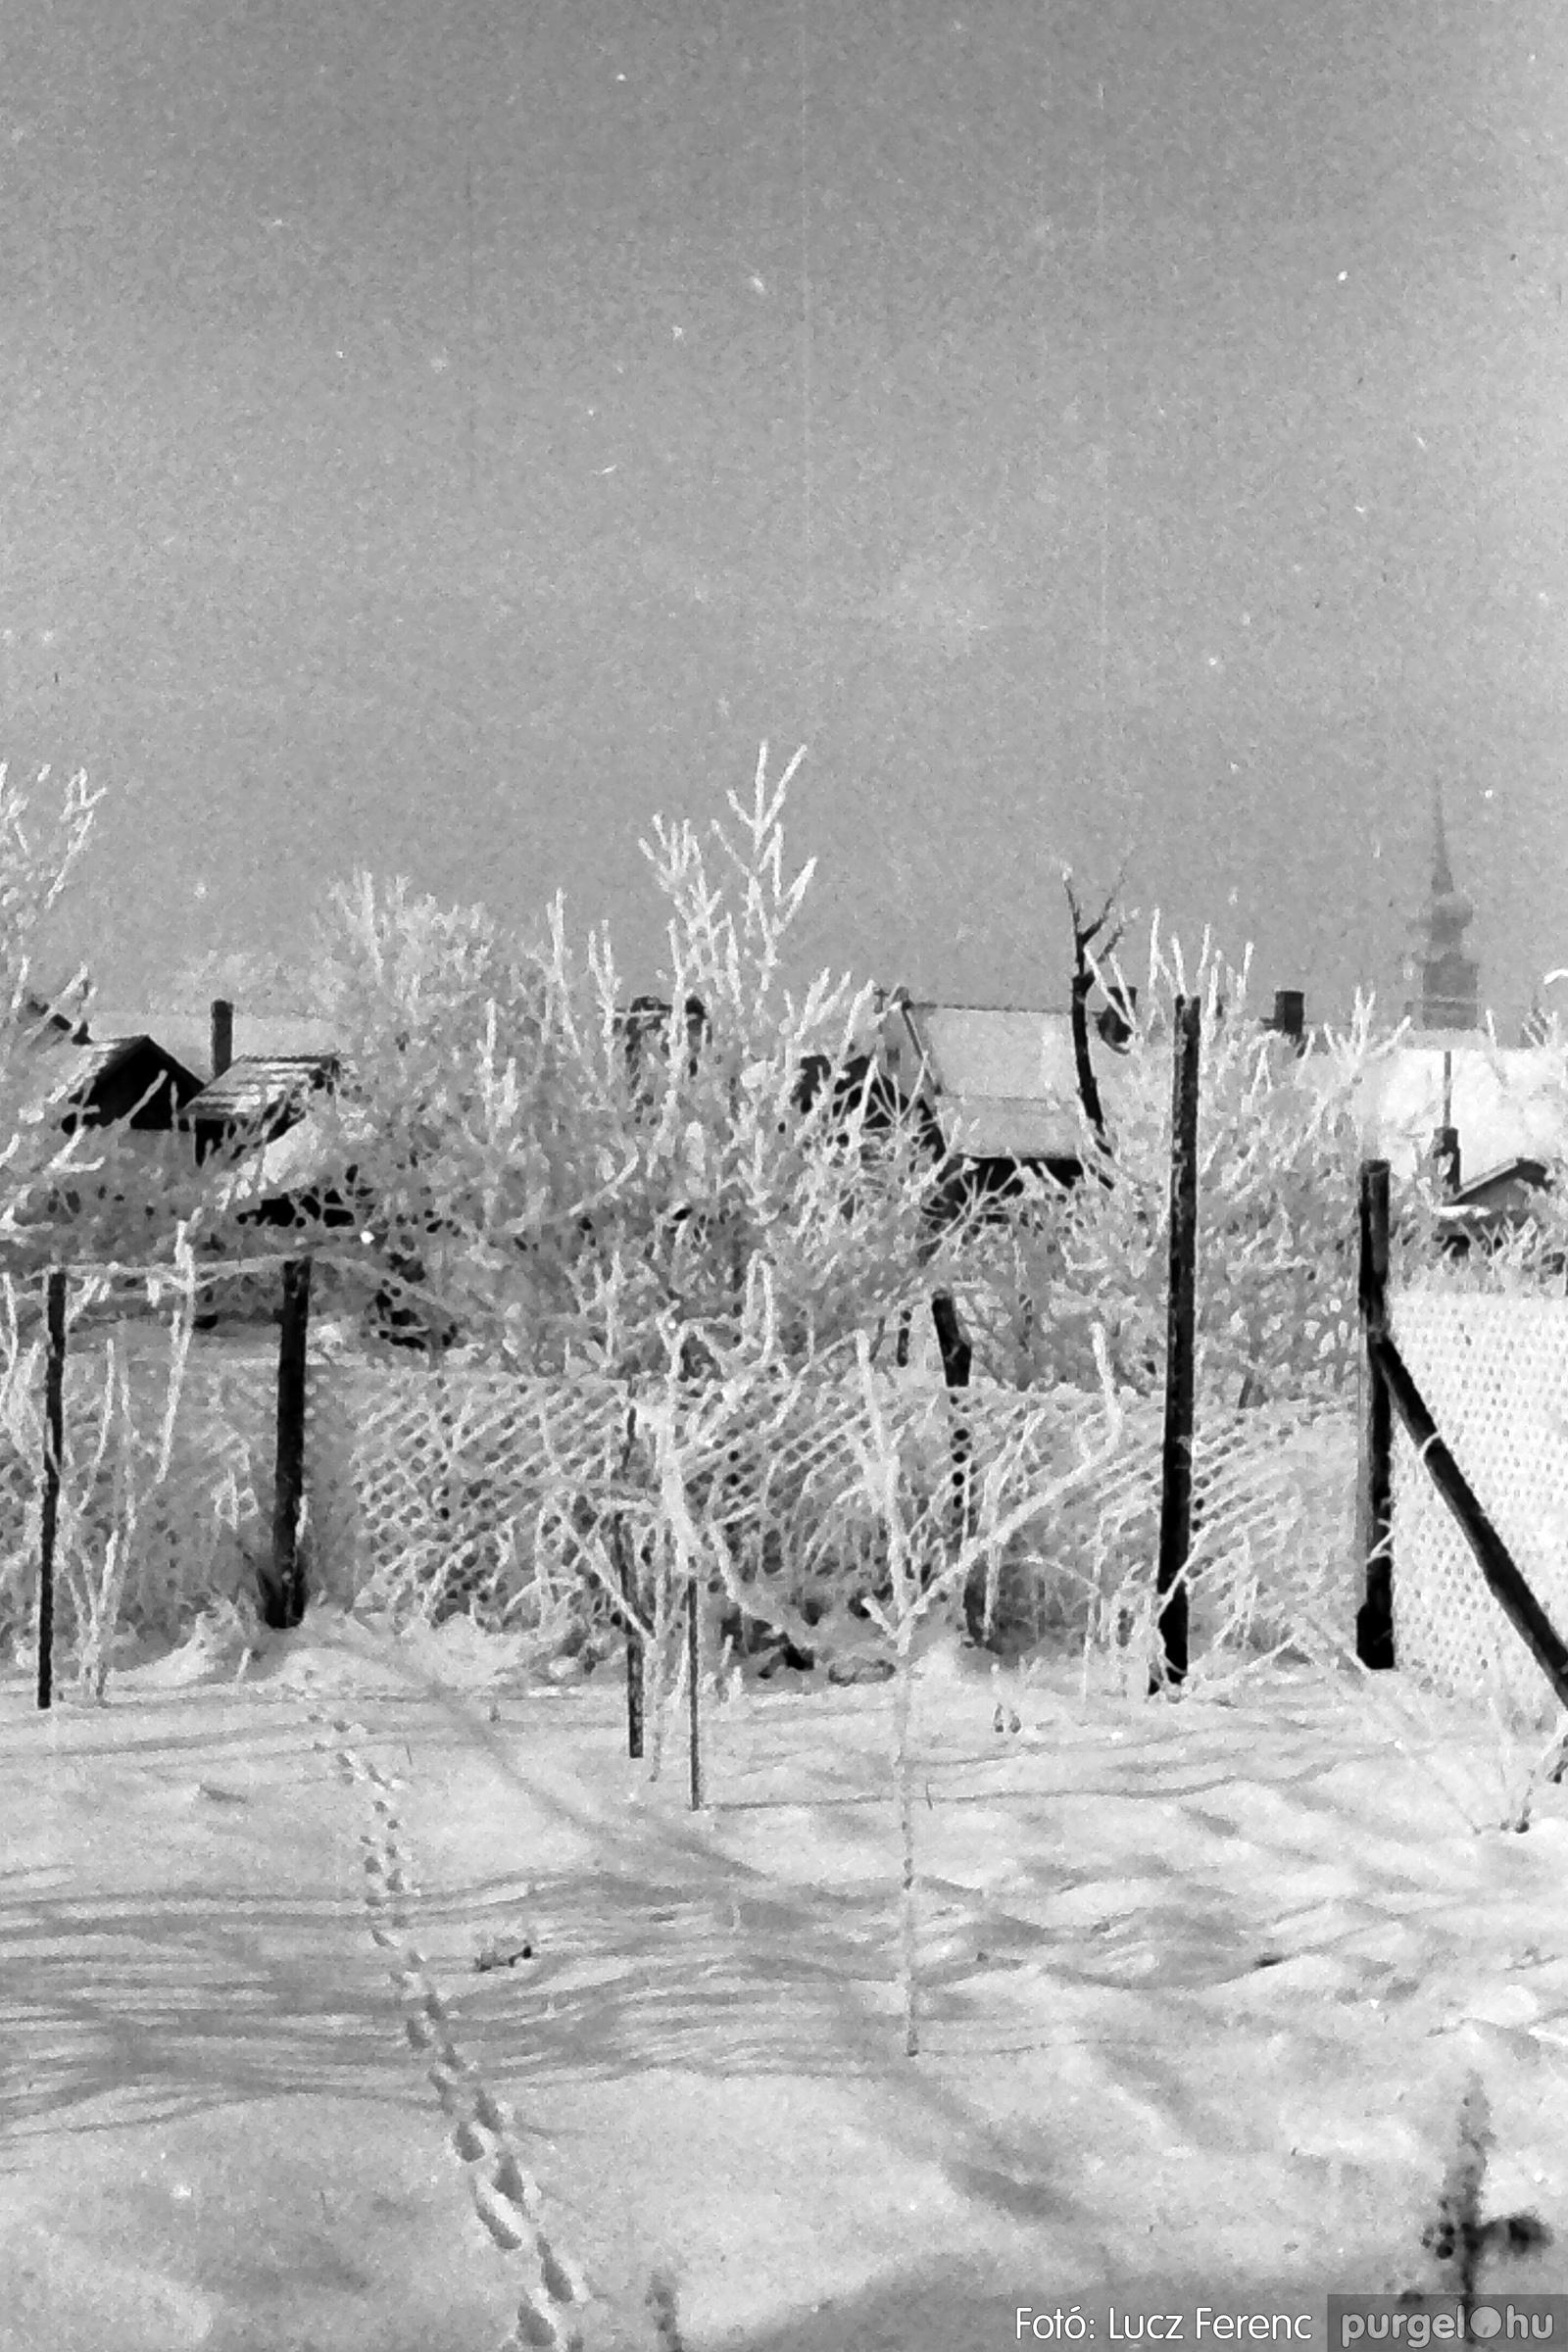 070. 1976.12.31. Szilveszter a kultúrházban 026. - Fotó: Lucz Ferenc.jpg